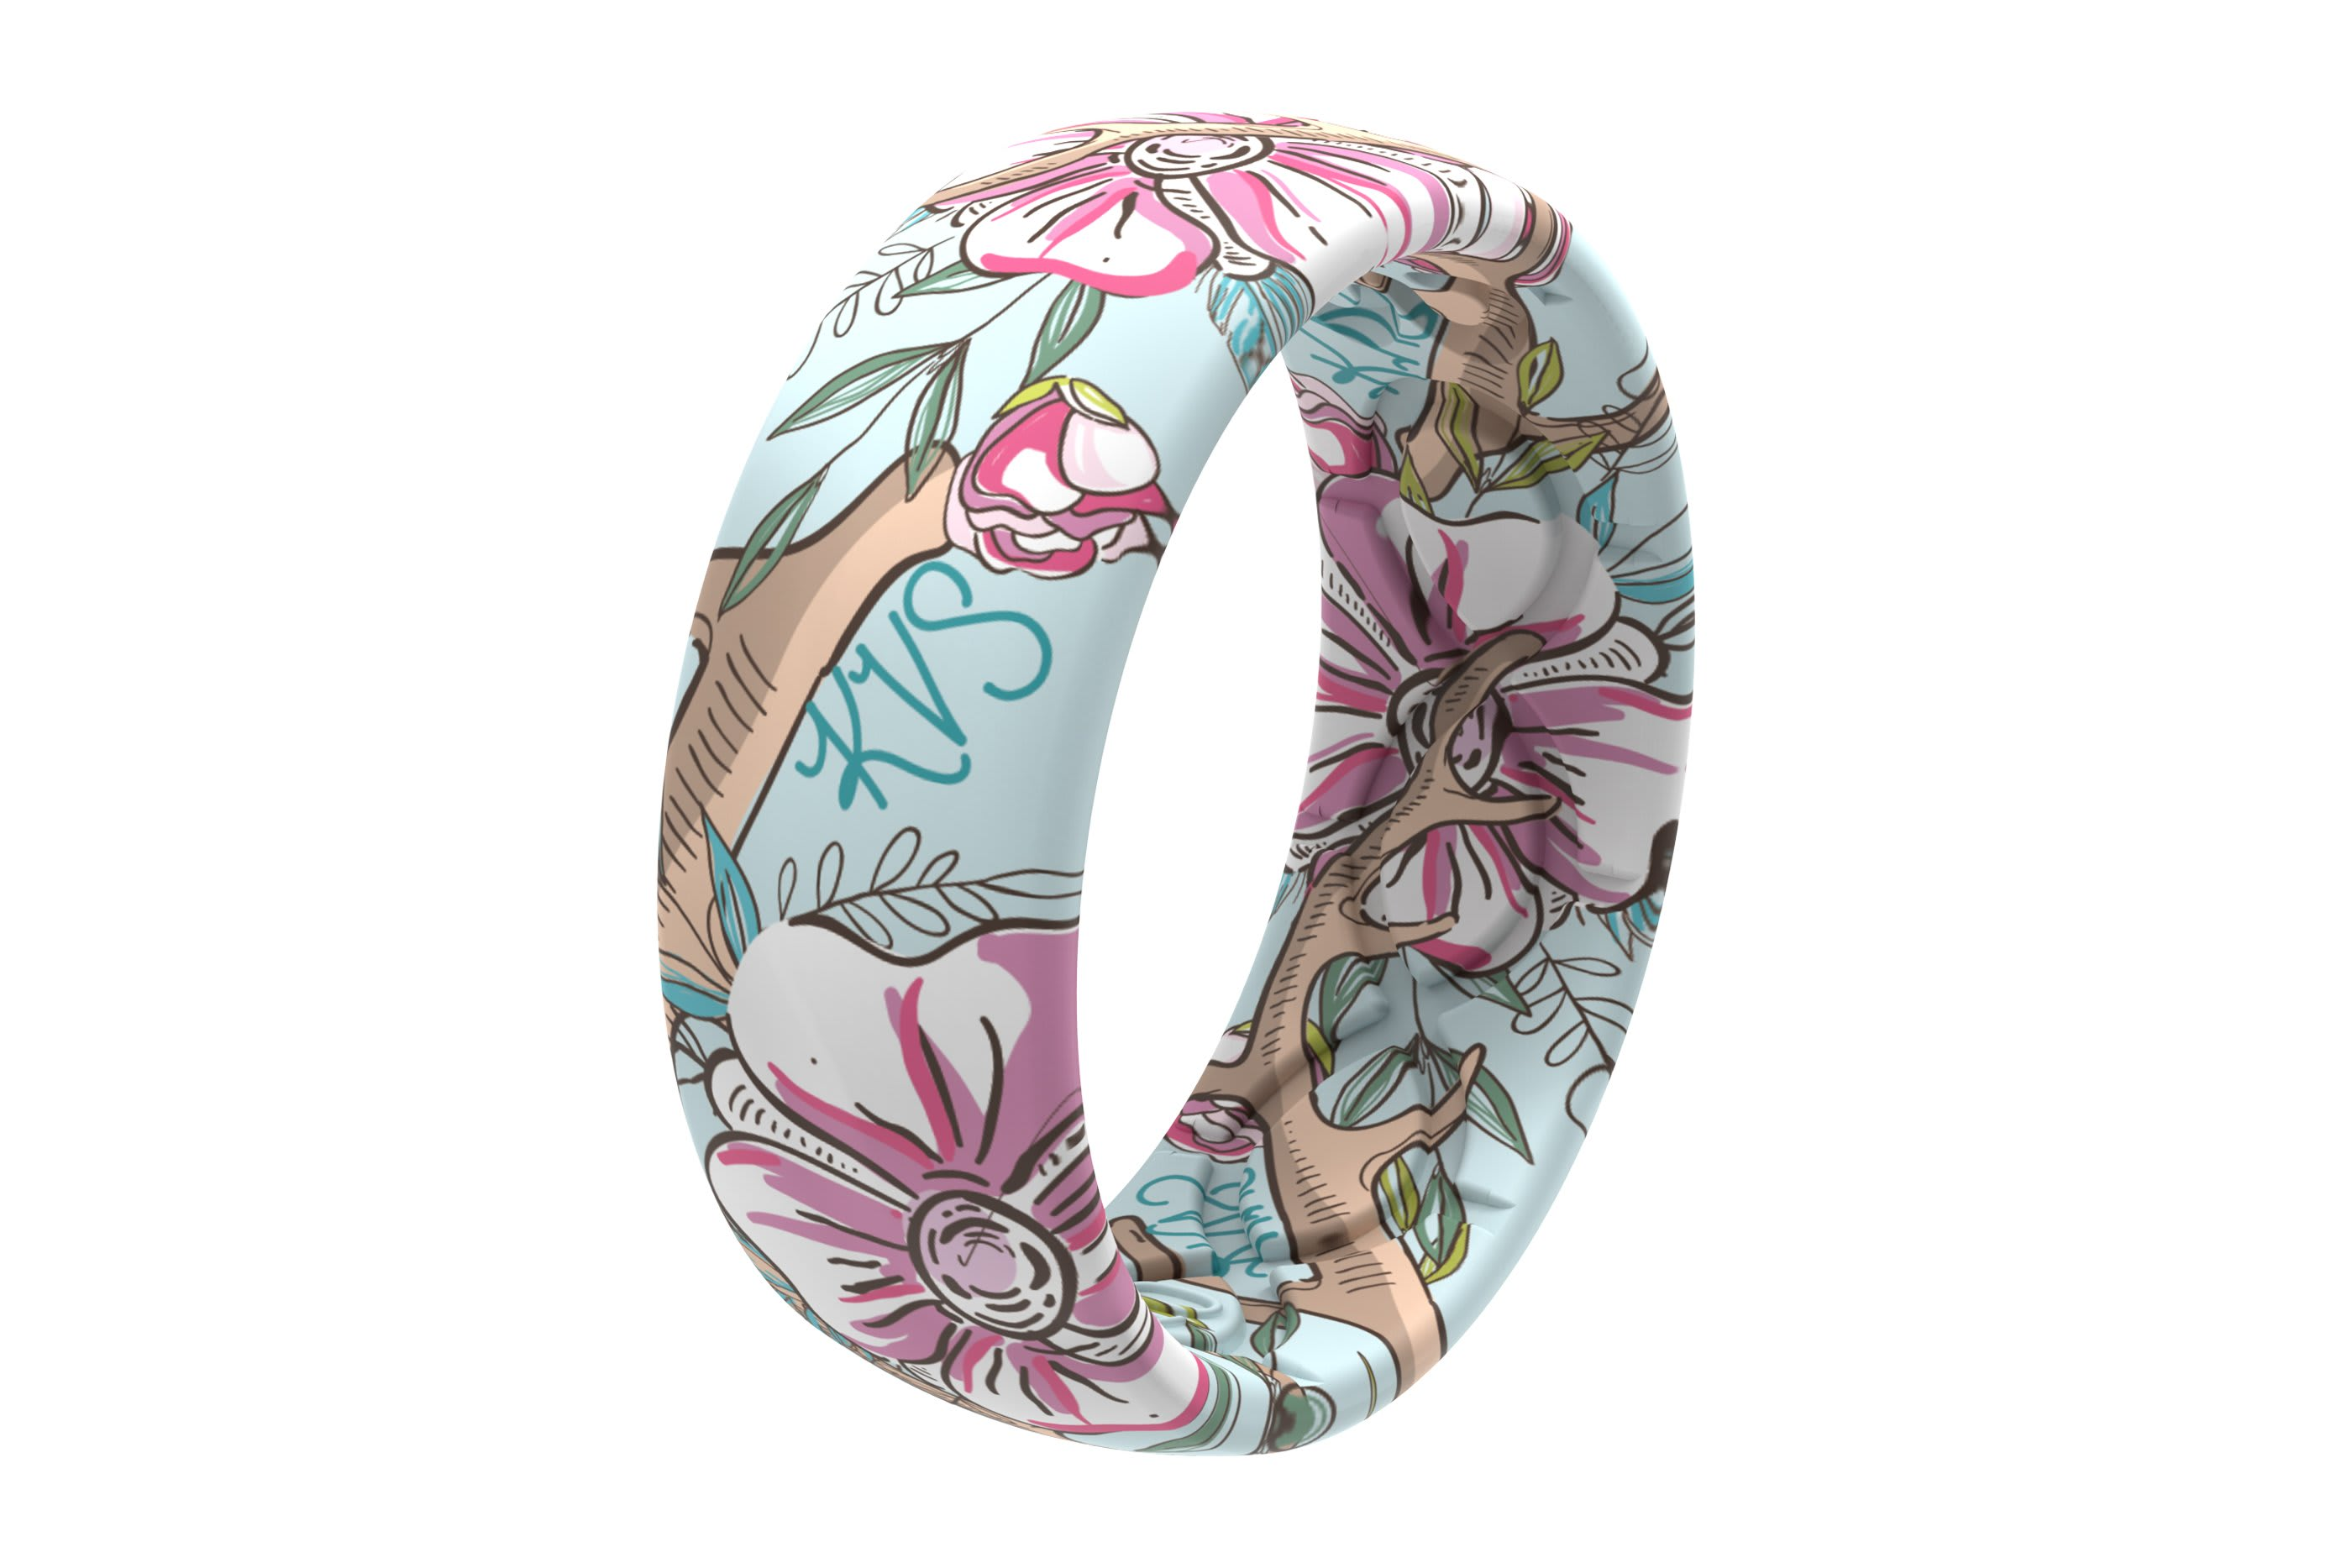 Love Deerly - Katie Van Slyke Signature Ring viewed on its side  viewed on its side